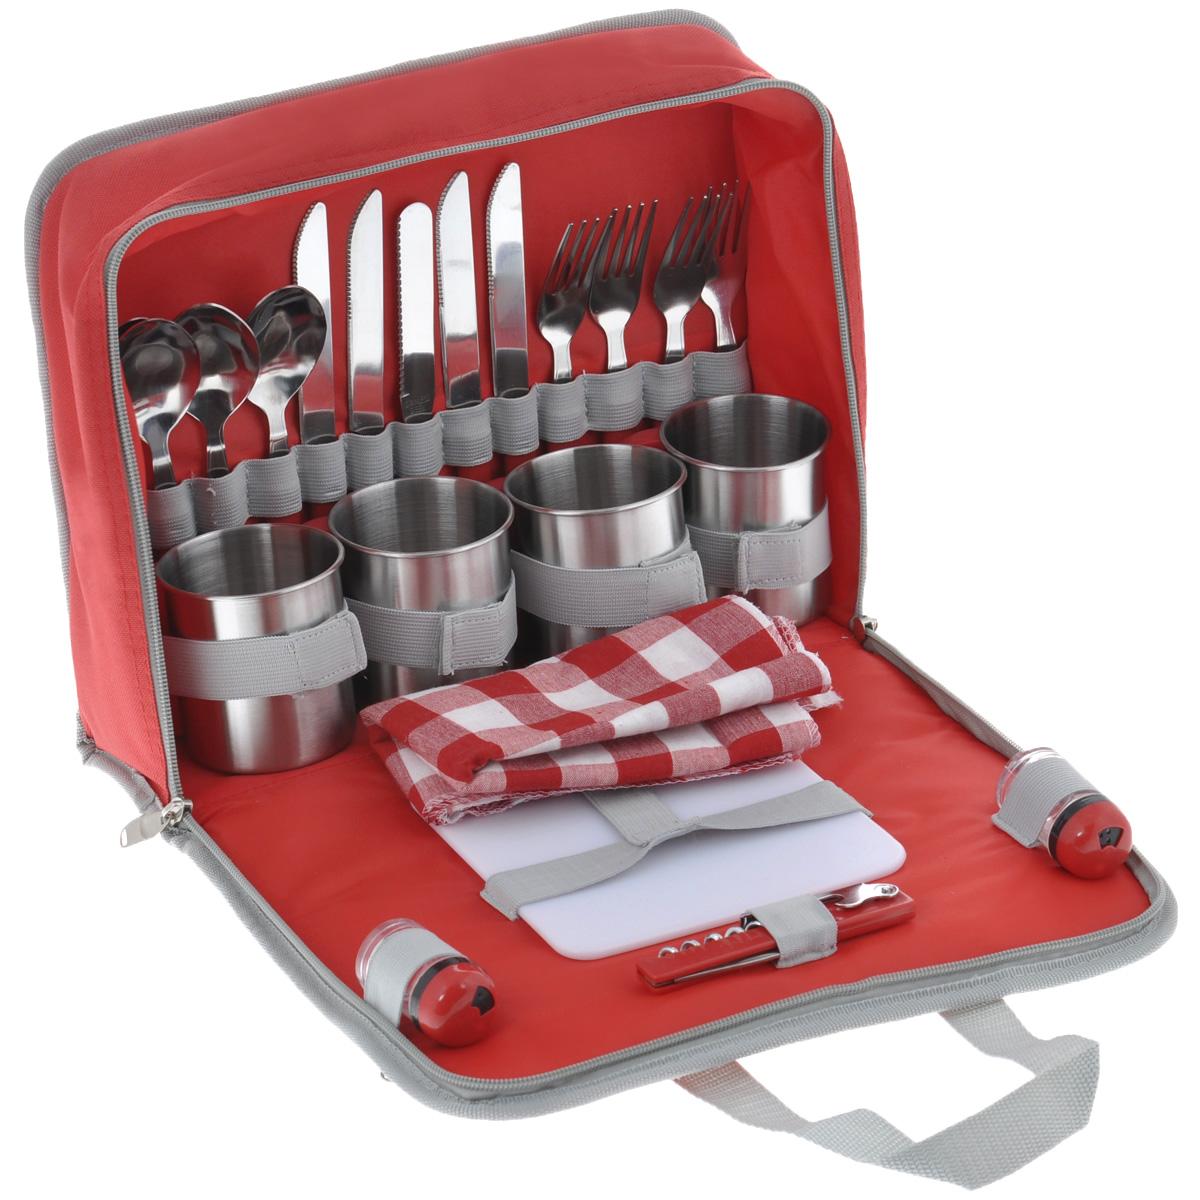 Набор для пикника Green Glade, цвет: красный, 26 предметовT3044Набор для пикника Green Glade содержит всю необходимую посуду для пикника и комфортного отдыха на природе. В набор входит: - нож (4 шт), - вилка (4 шт), - ложка (4 шт), - чашка (4 шт), - салфетка (4 шт), - солонка, - перечница, - нож для сыра/масла, - складной нож со штопором, - пластиковая разделочная доска. Столовые приборы и кружки изготовлены из полированной нержавеющей стали с пластиковыми ручками красного цвета. Салфетки выполнены из хлопка с принтом в клетку. Квадратная разделочная доска сделана из прочного пластика белого цвета, солонка и перечница - из прозрачного пластика. Все приборы компактно помещаются в специальную сумку из полиэстера, сумка закрывается на застежку-молнию; оснащена двумя удобными ручками для переноски и двумя вшитыми кармашка на молнии для хранения аксессуаров. Длина вилки/ложки: 18,5 см. Длина ножа: 21 см. Диаметр кружки (по верхнему краю): 7,5 см. ...